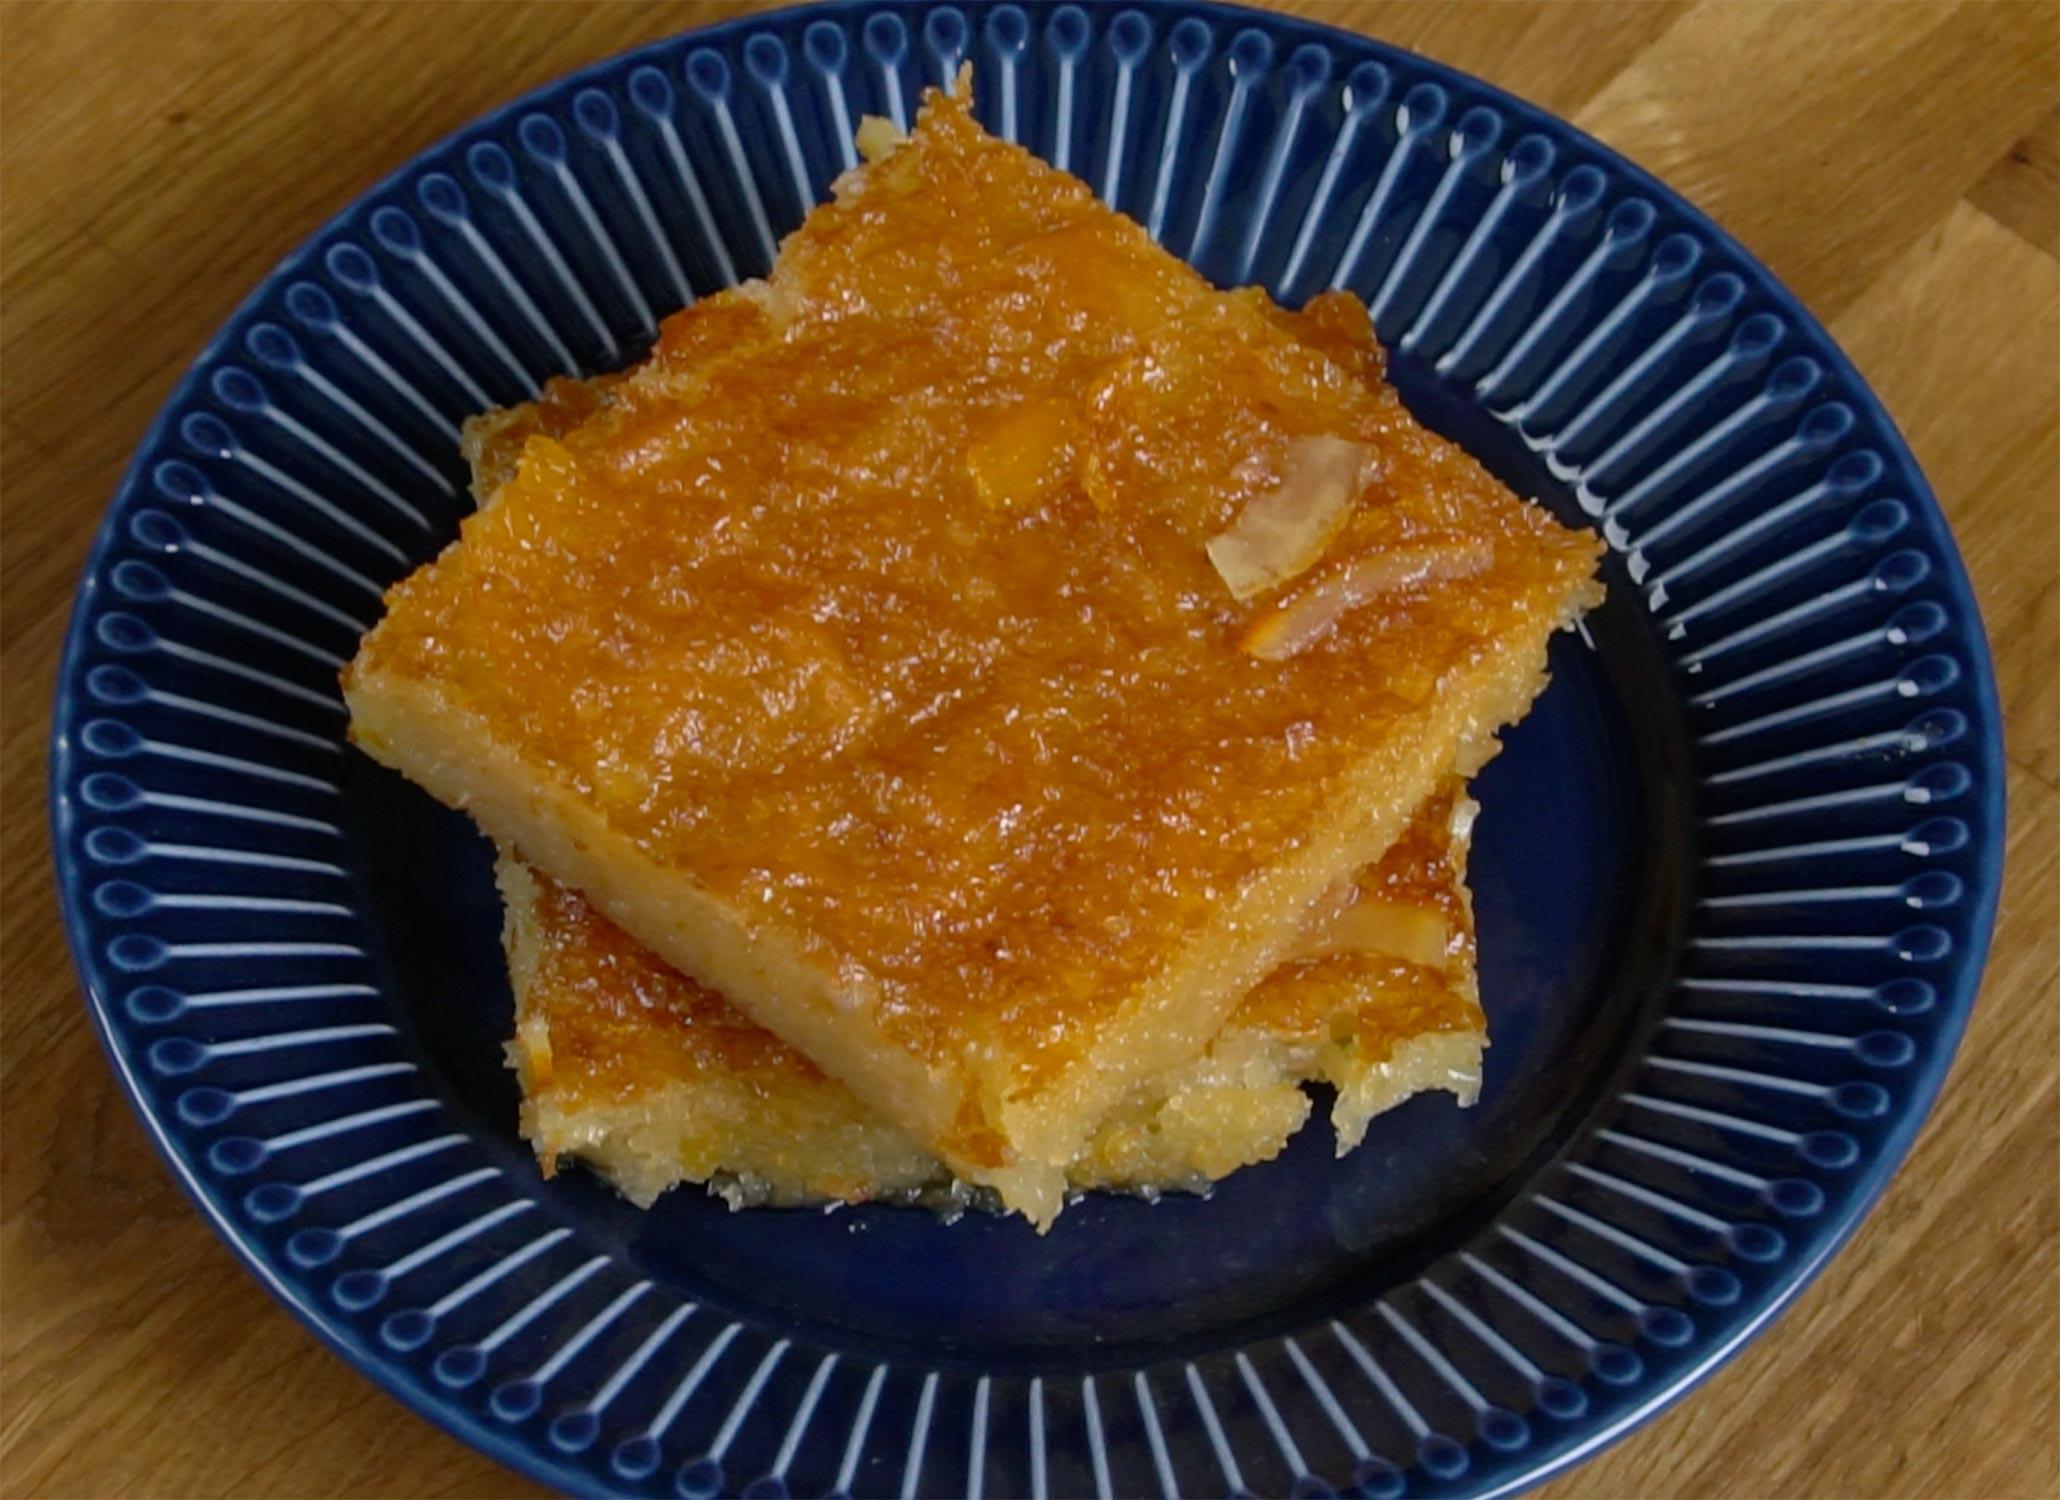 Σερβίρισμα για την πορτοκαλόπιτα της Αργυρώς